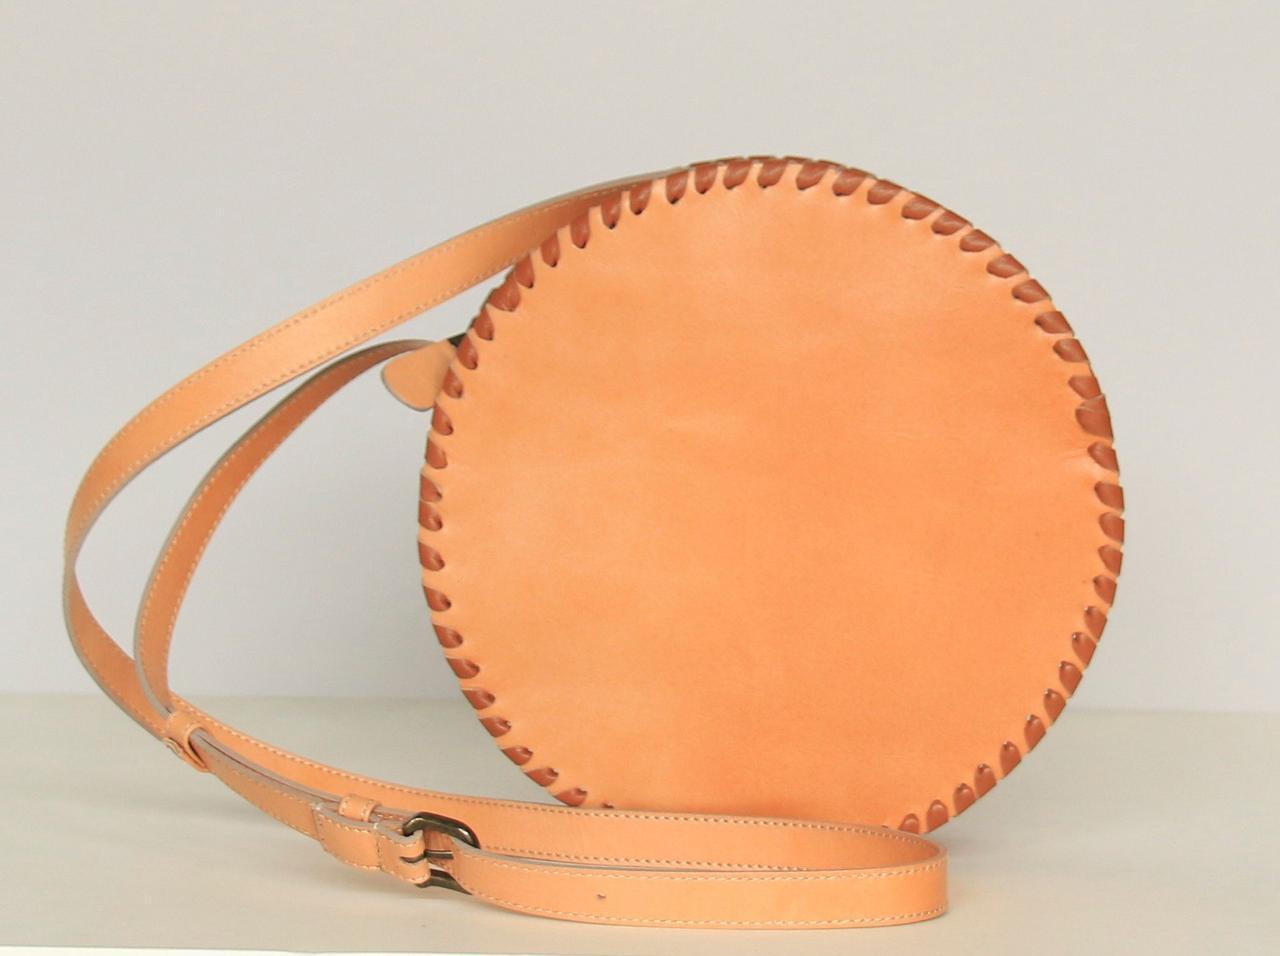 画像: 7「circle」 金沢文化服装学院アパレル造形デザイン科3年関口すずのさん